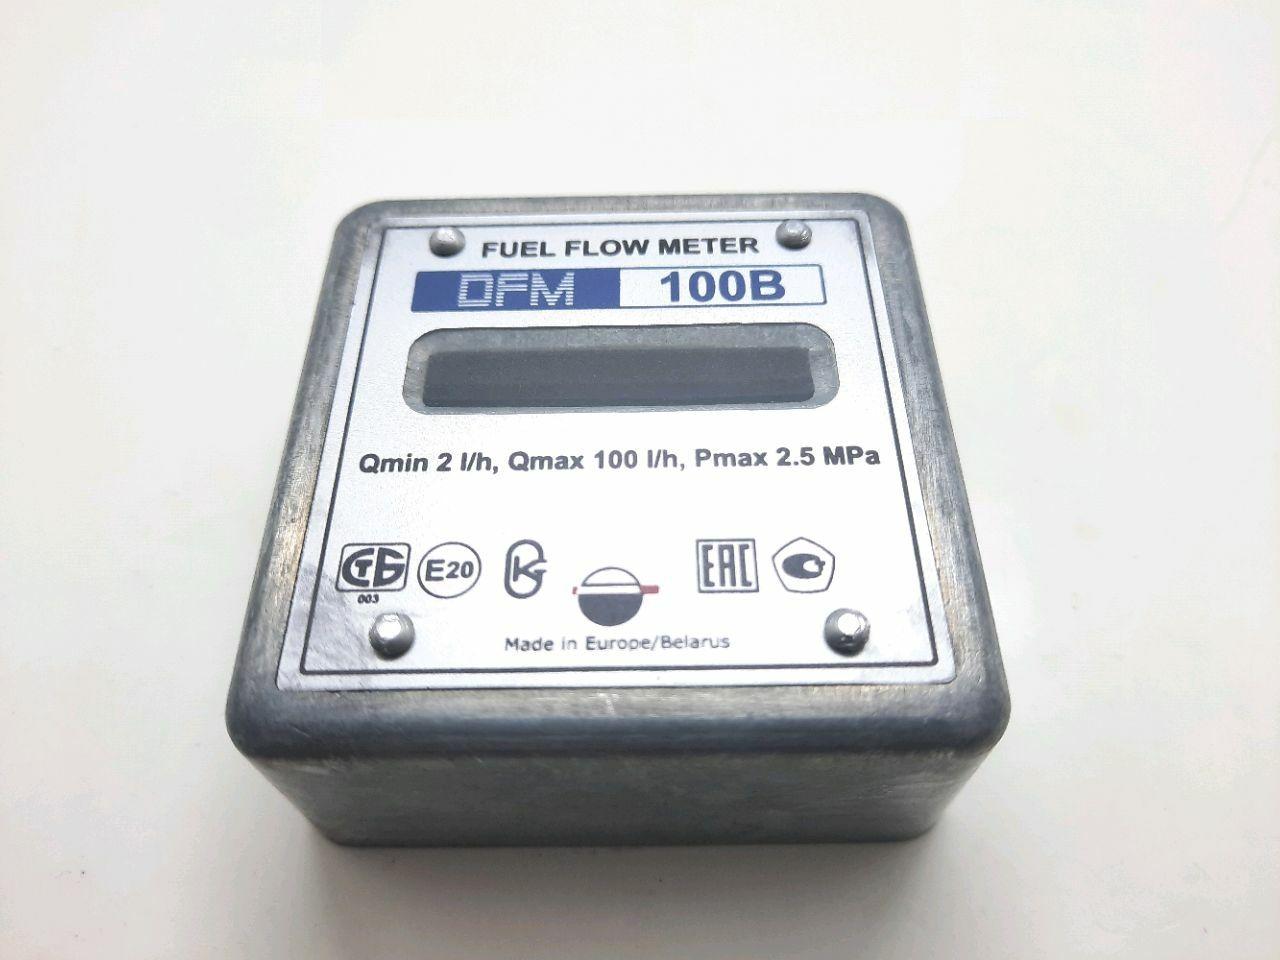 DFM 100B